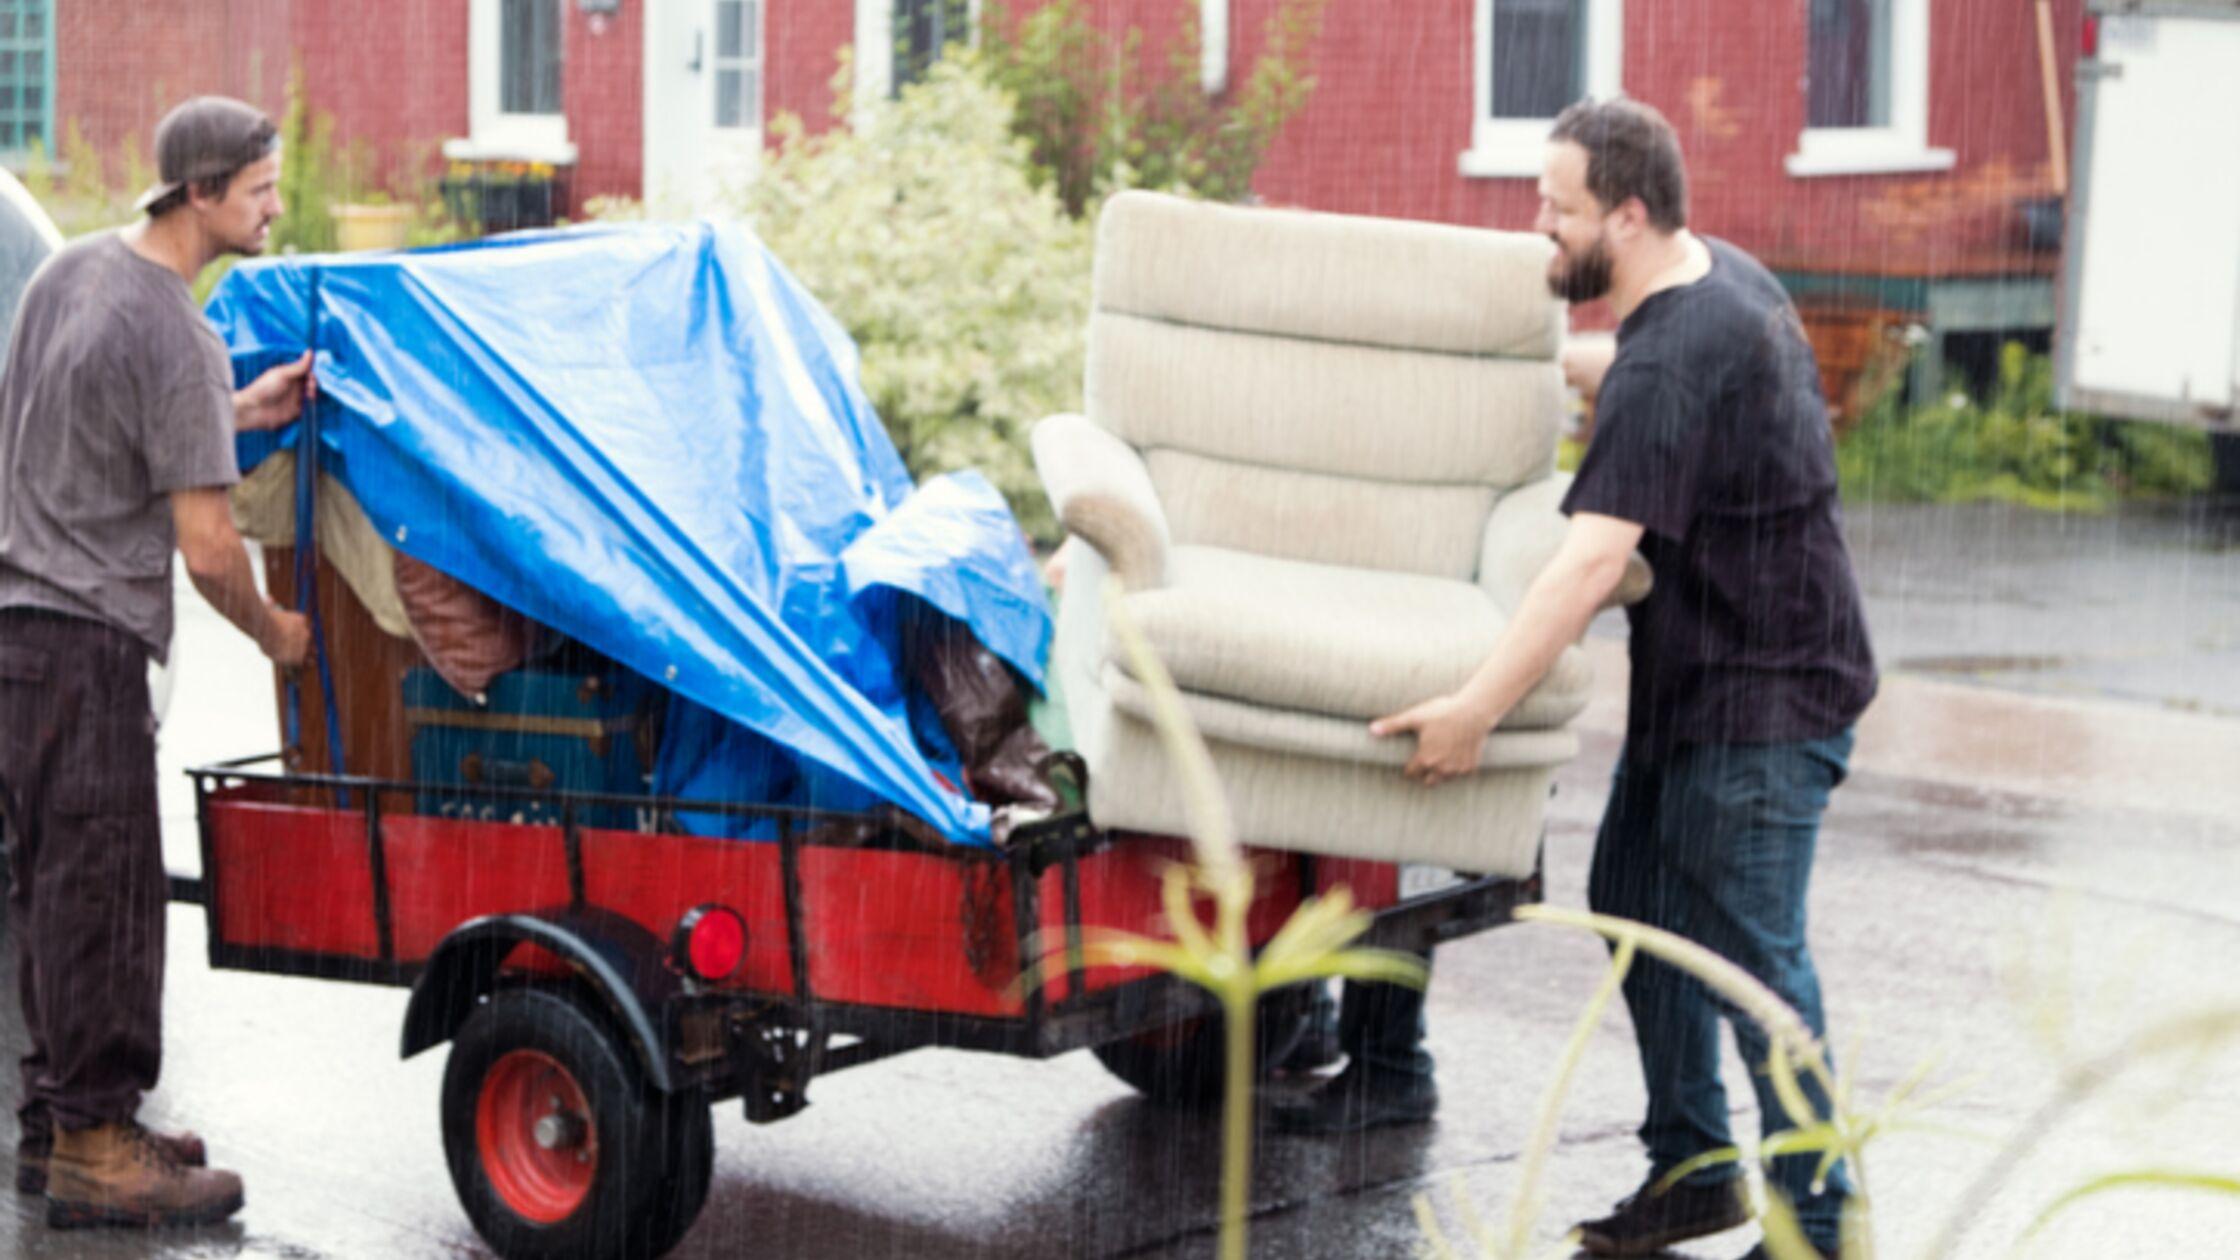 Umziehen bei Regen: 9 Tipps, um Habseligkeiten und Helfer zu schützen